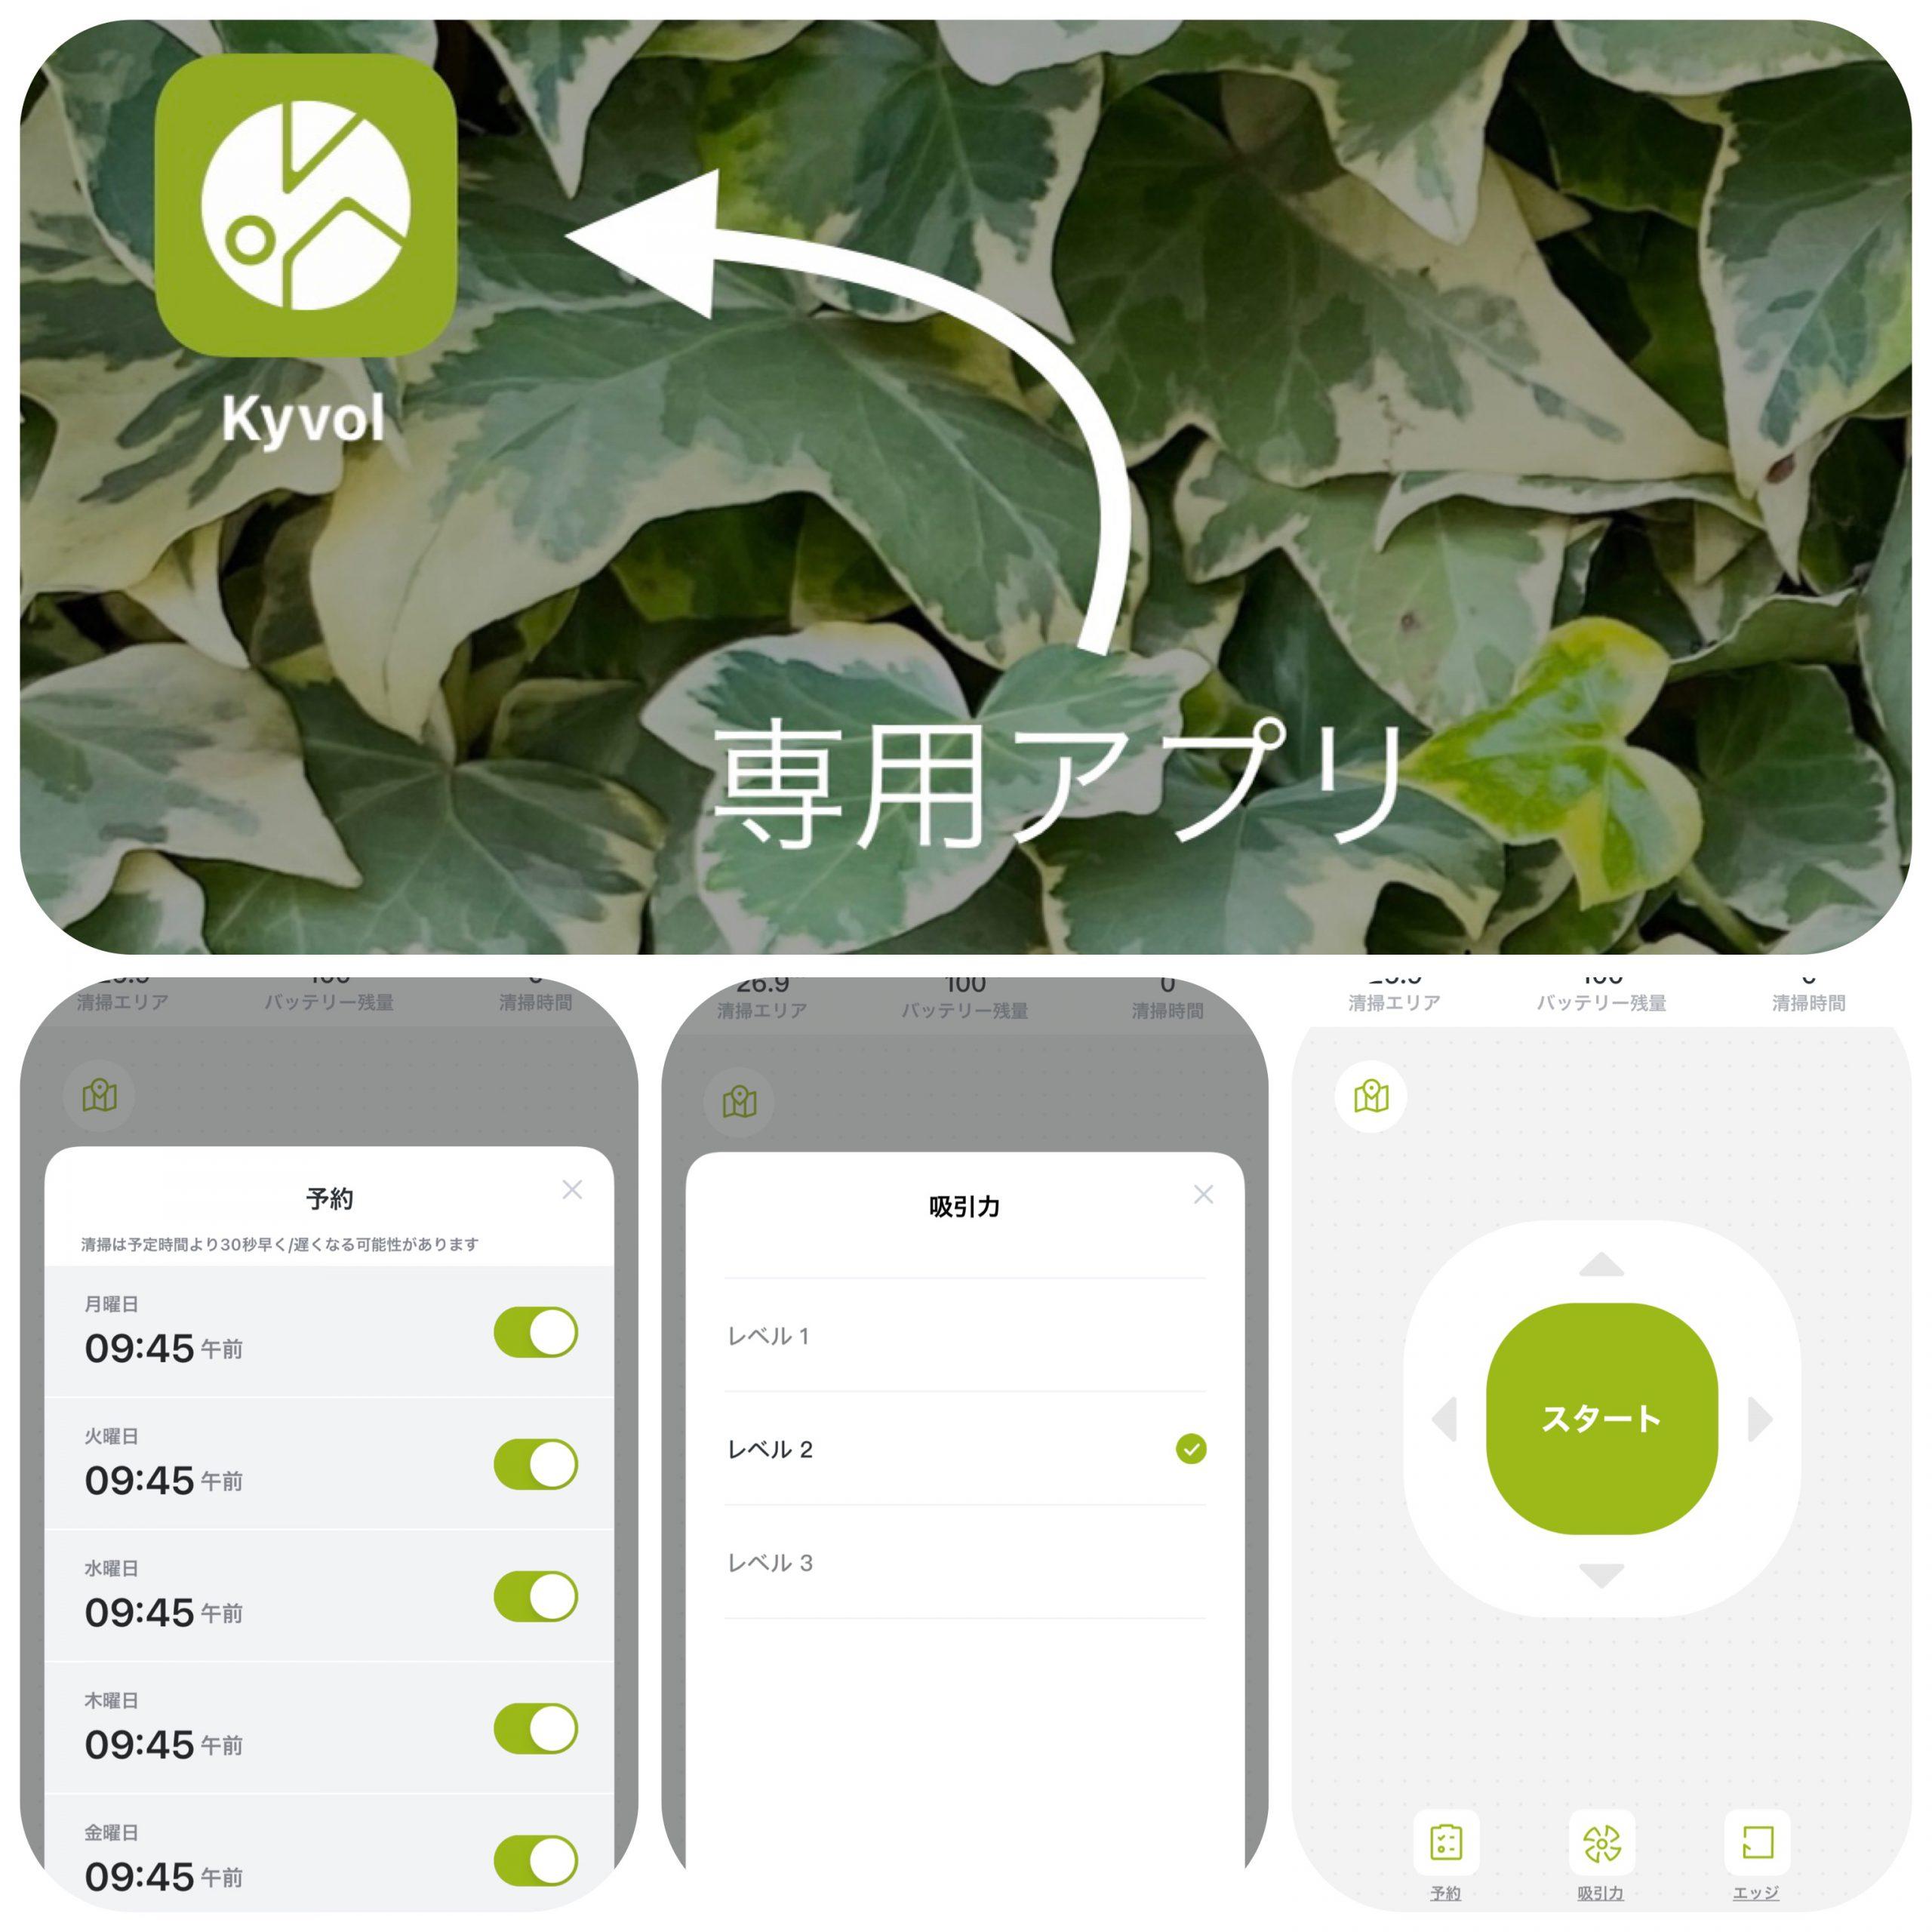 キーボルのアプリ